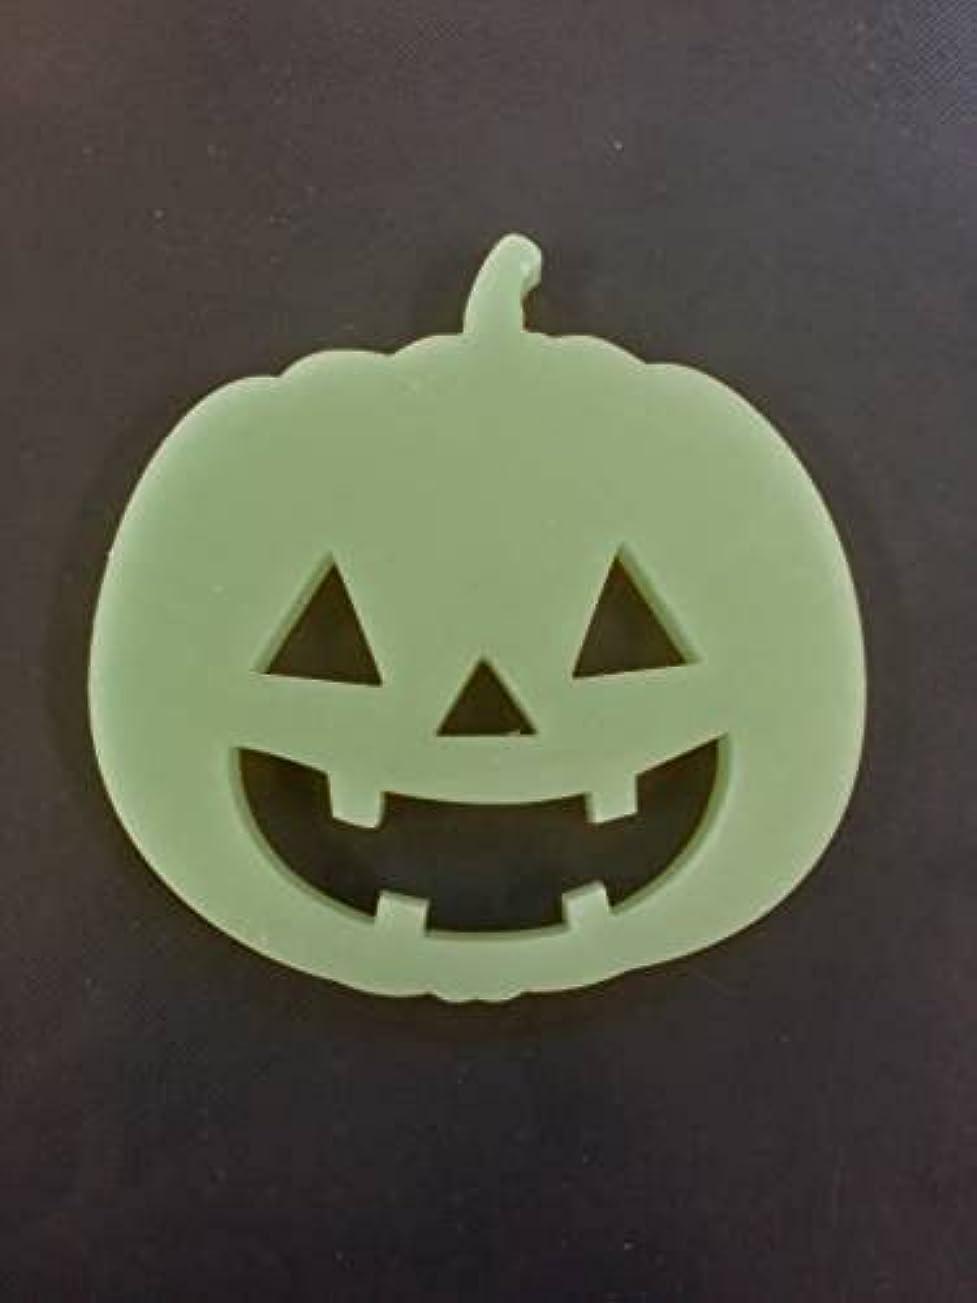 クリアモスようこそGRASSE TOKYO AROMATICWAXチャーム「ハロウィンかぼちゃ」(GR) レモングラス アロマティックワックス グラーストウキョウ